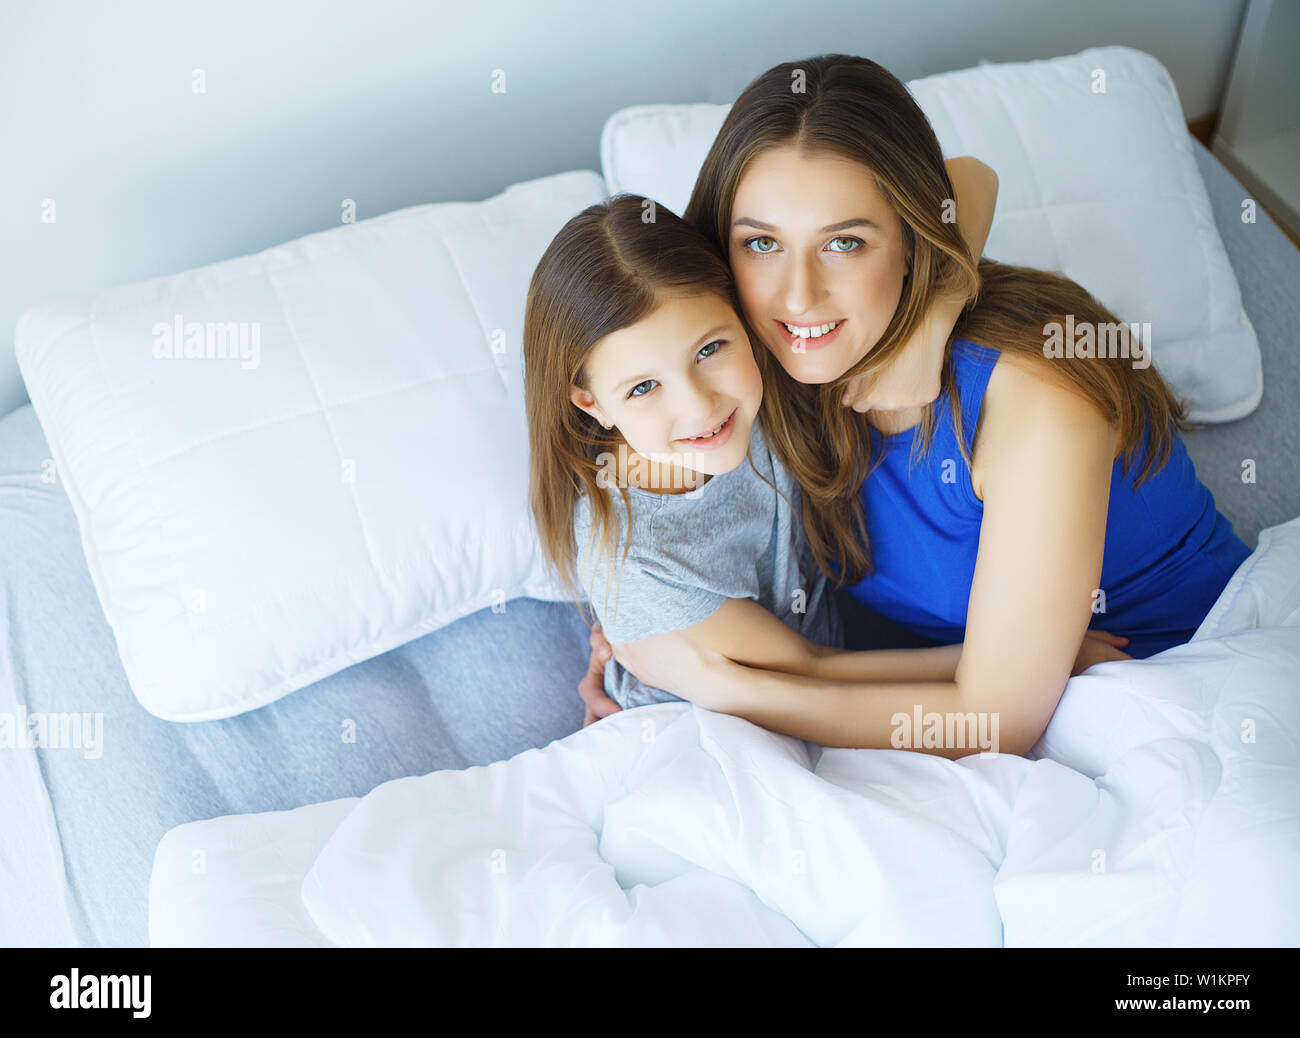 Frau und junge Mädchen im Bett lächelnd liegend Stockfoto